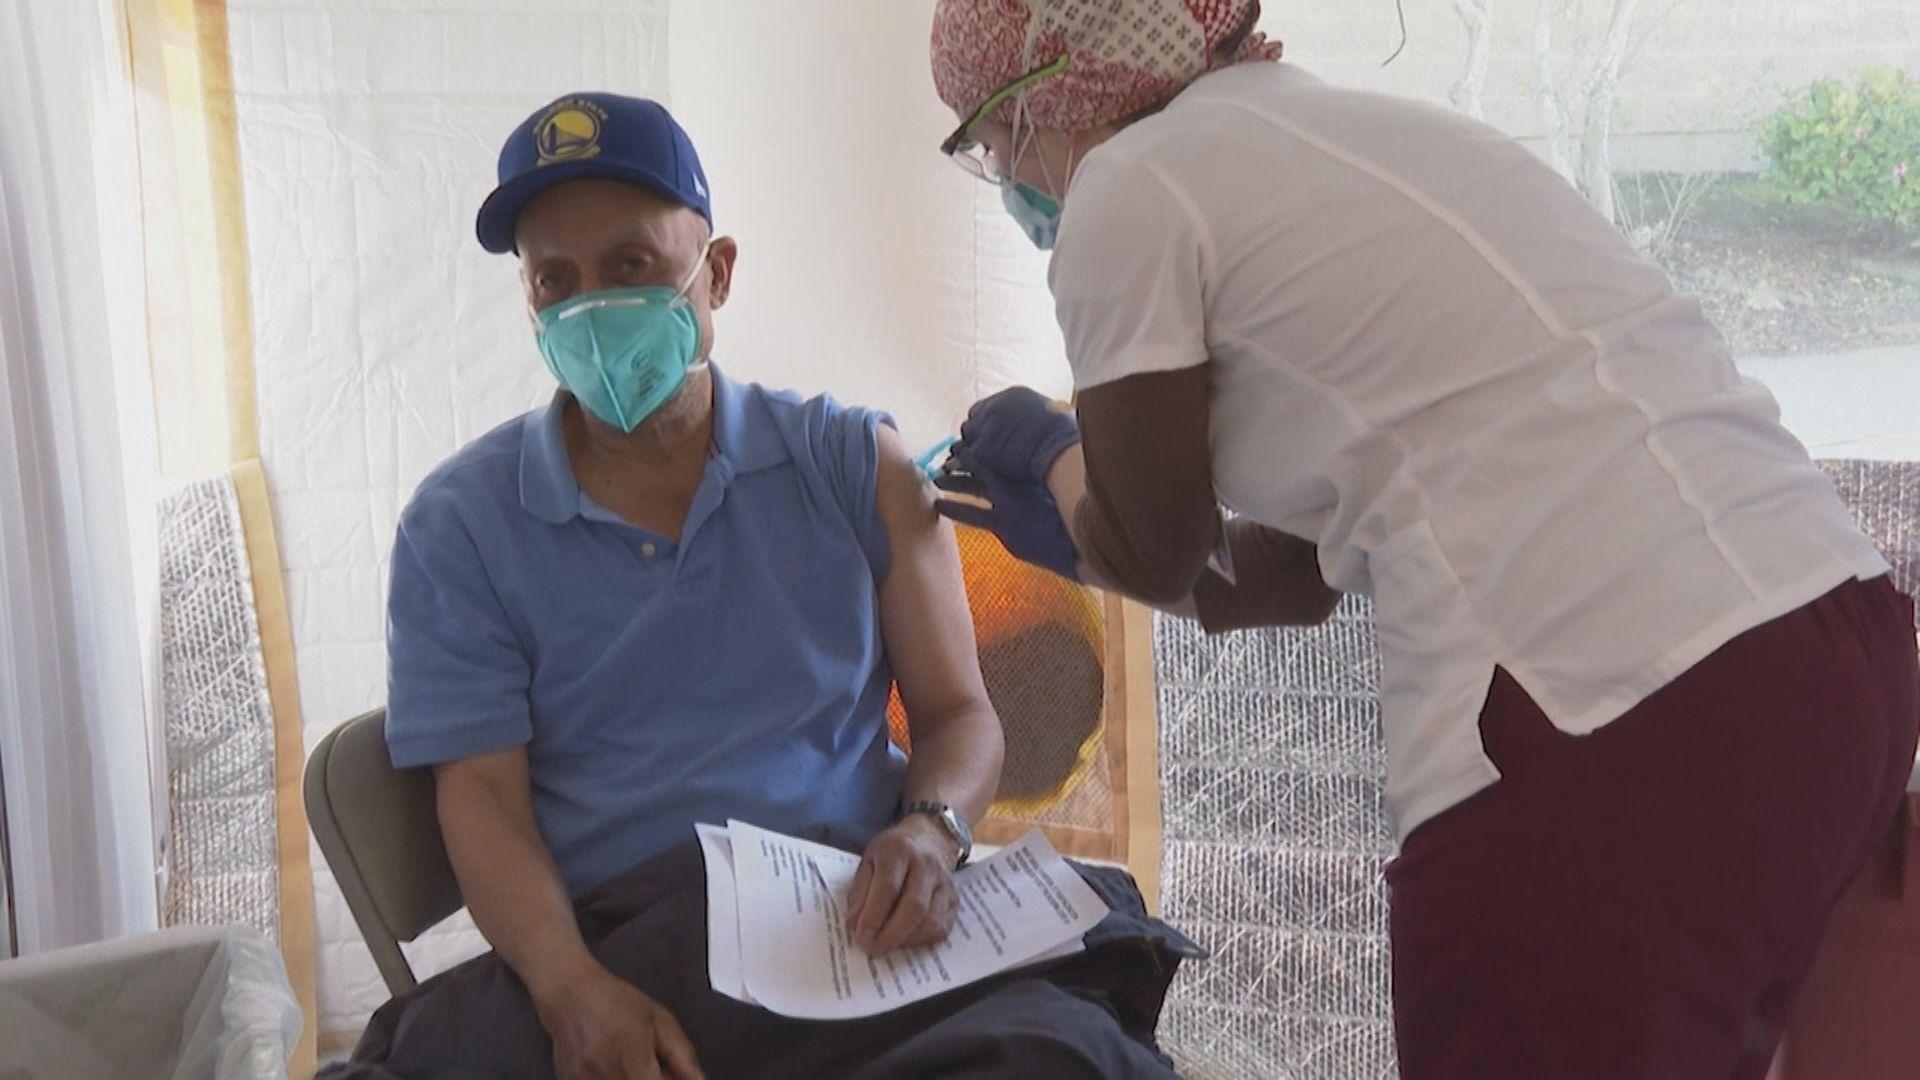 美國疾控中心:接種疫苗後大部分情況不用戴口罩建議有科學根據